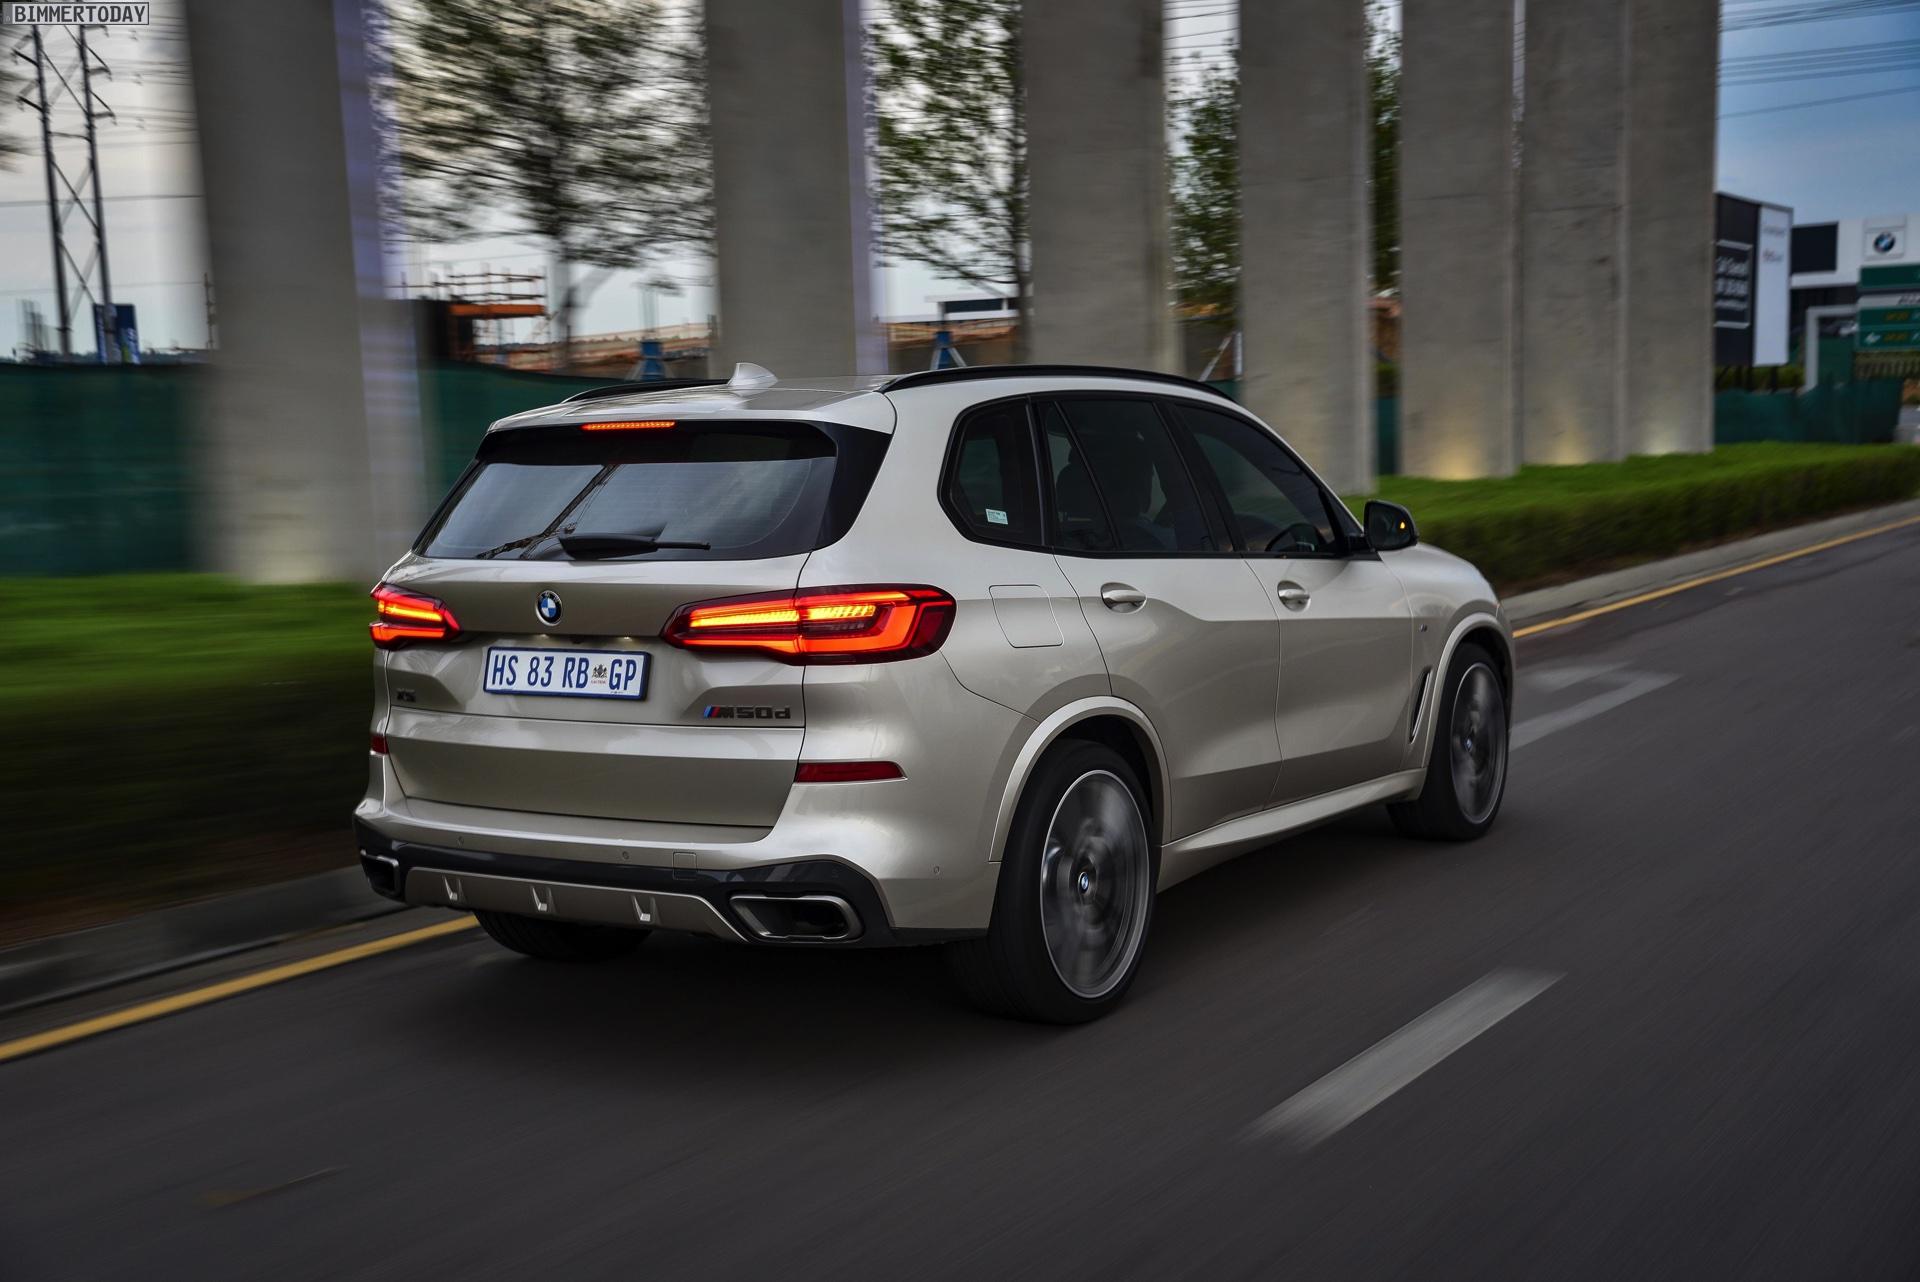 2019-BMW-X5-M50d-G05-Sonnenstein-Metallic-06.jpg